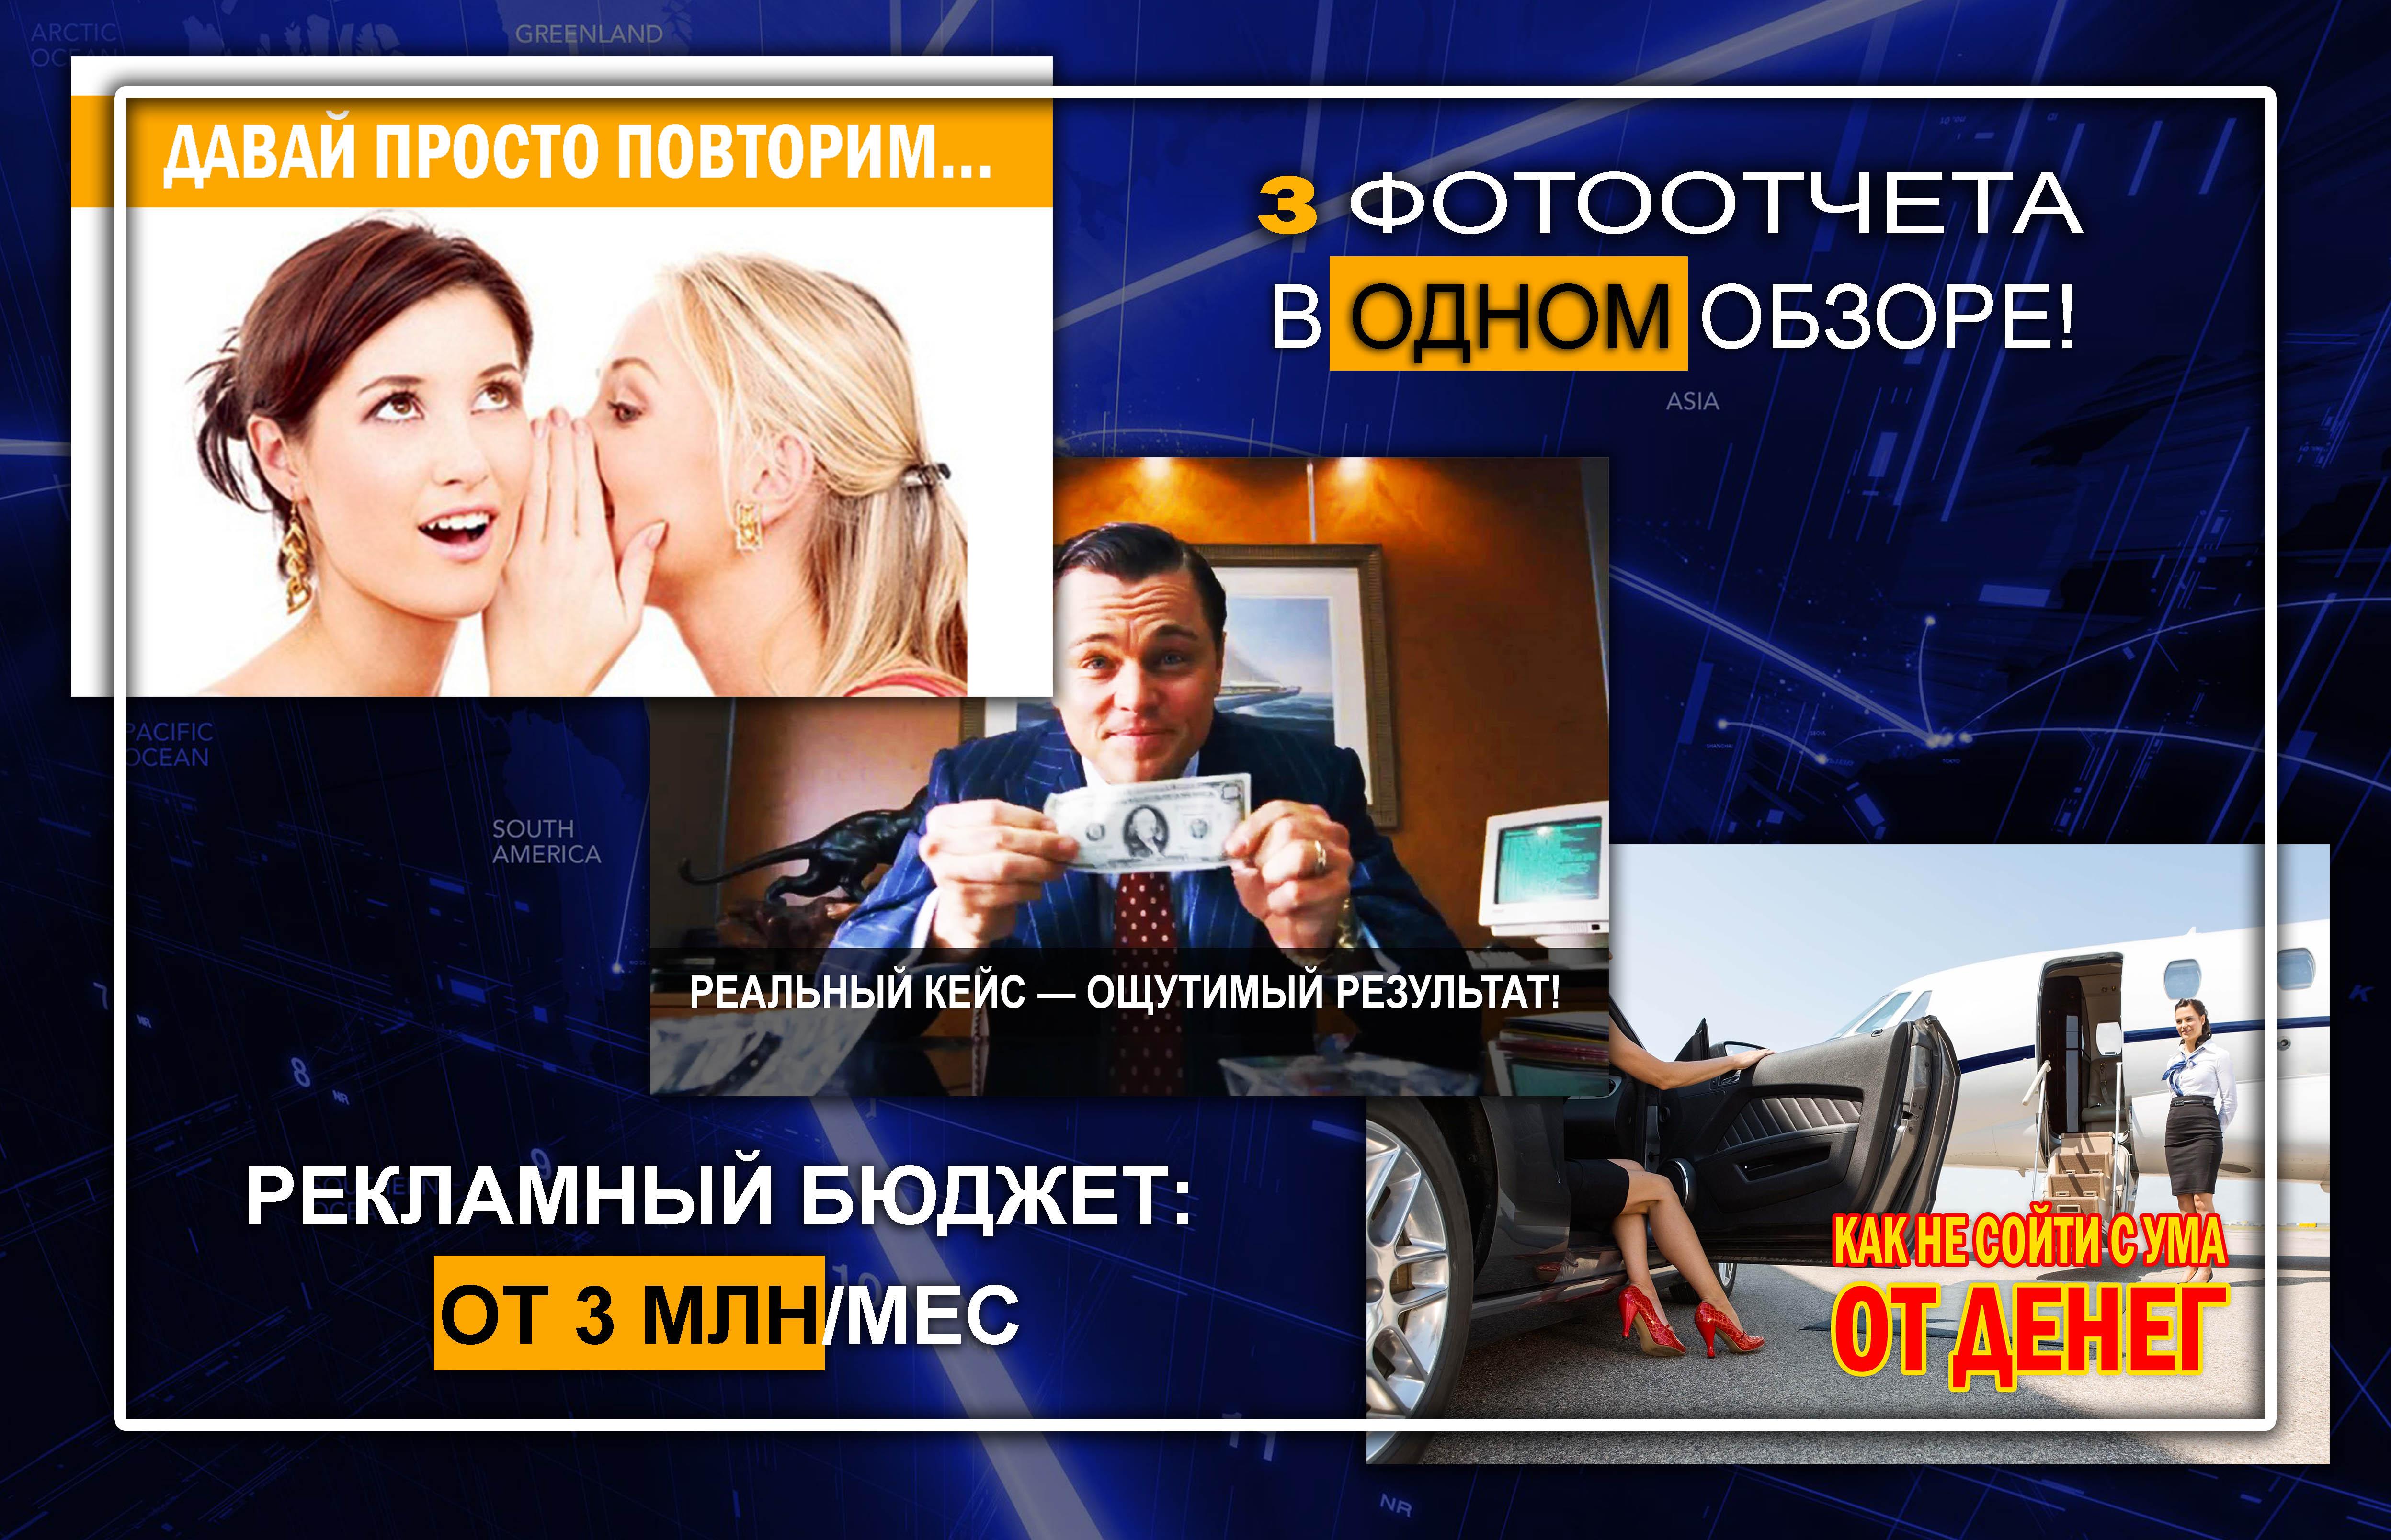 3 супер-успешных кейса таргетированной рекламы в Фейсбук